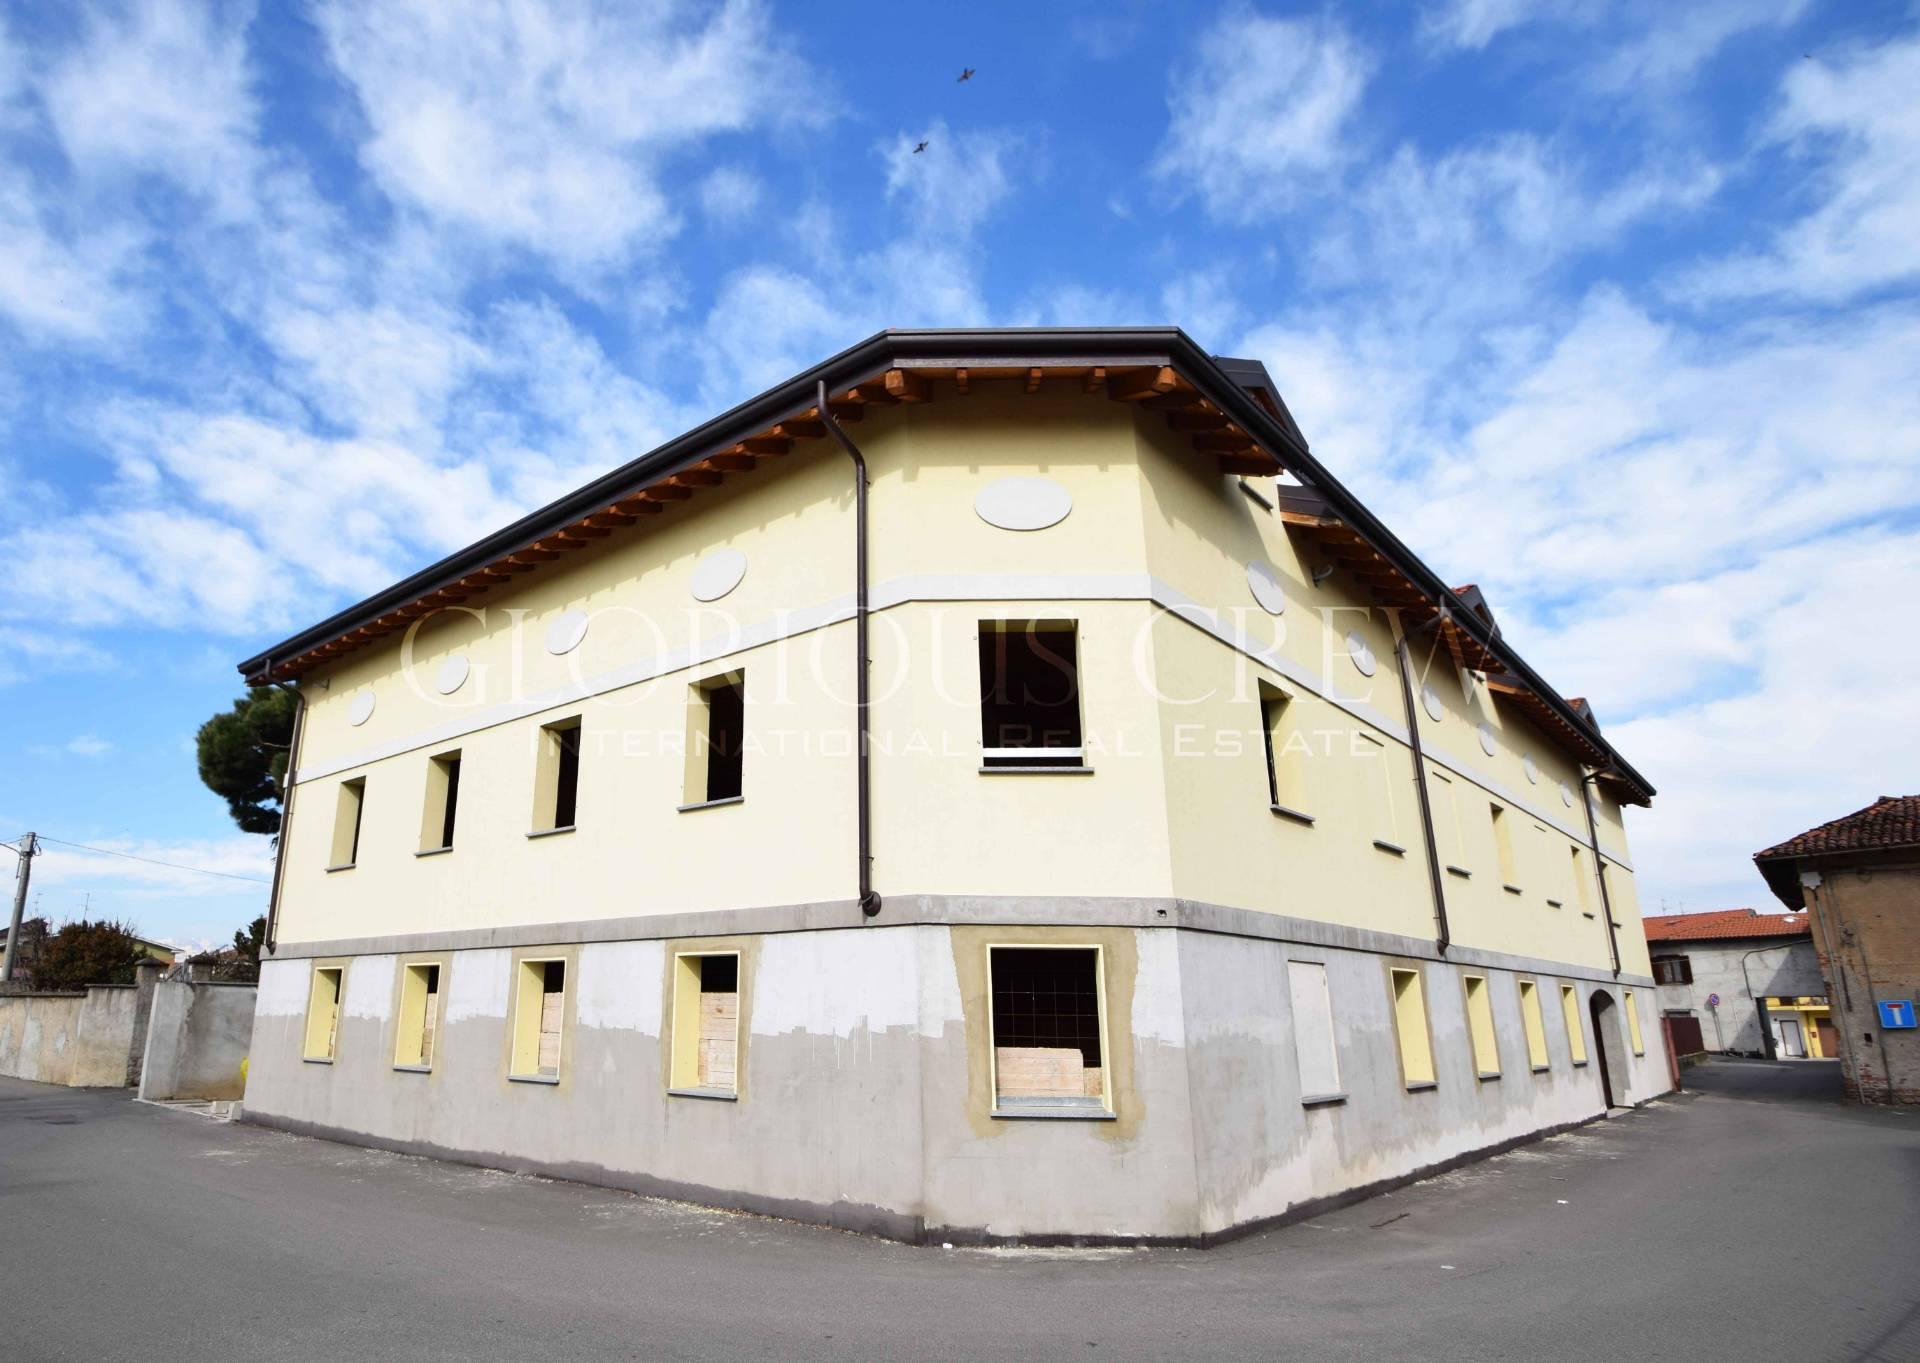 Appartamento in Vendita a Lonate Pozzolo: 5 locali, 1100 mq